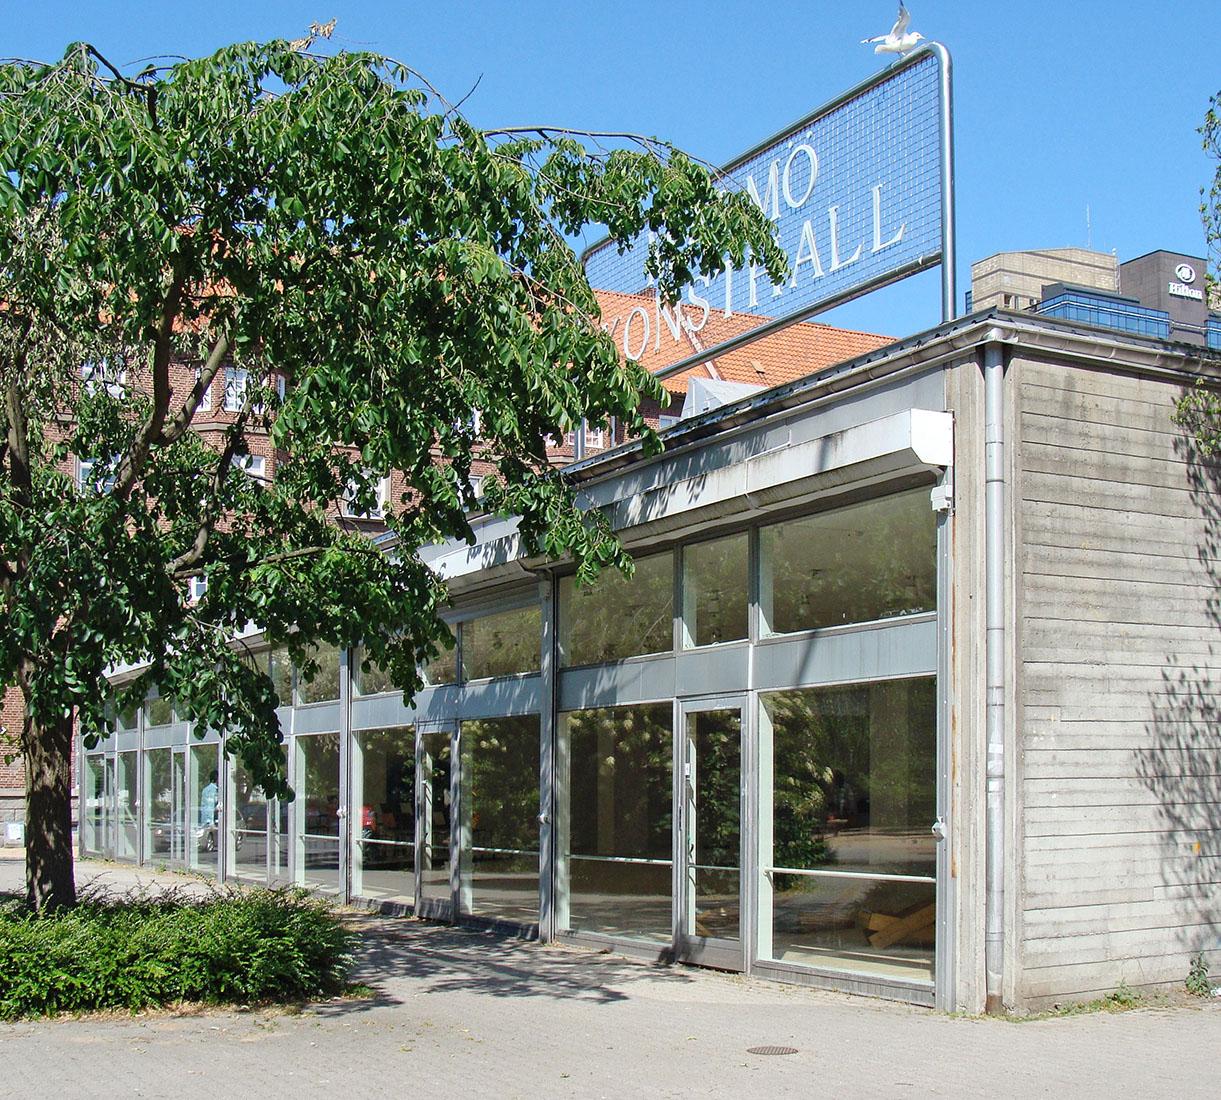 گالری مالمو کونستال در مالمو